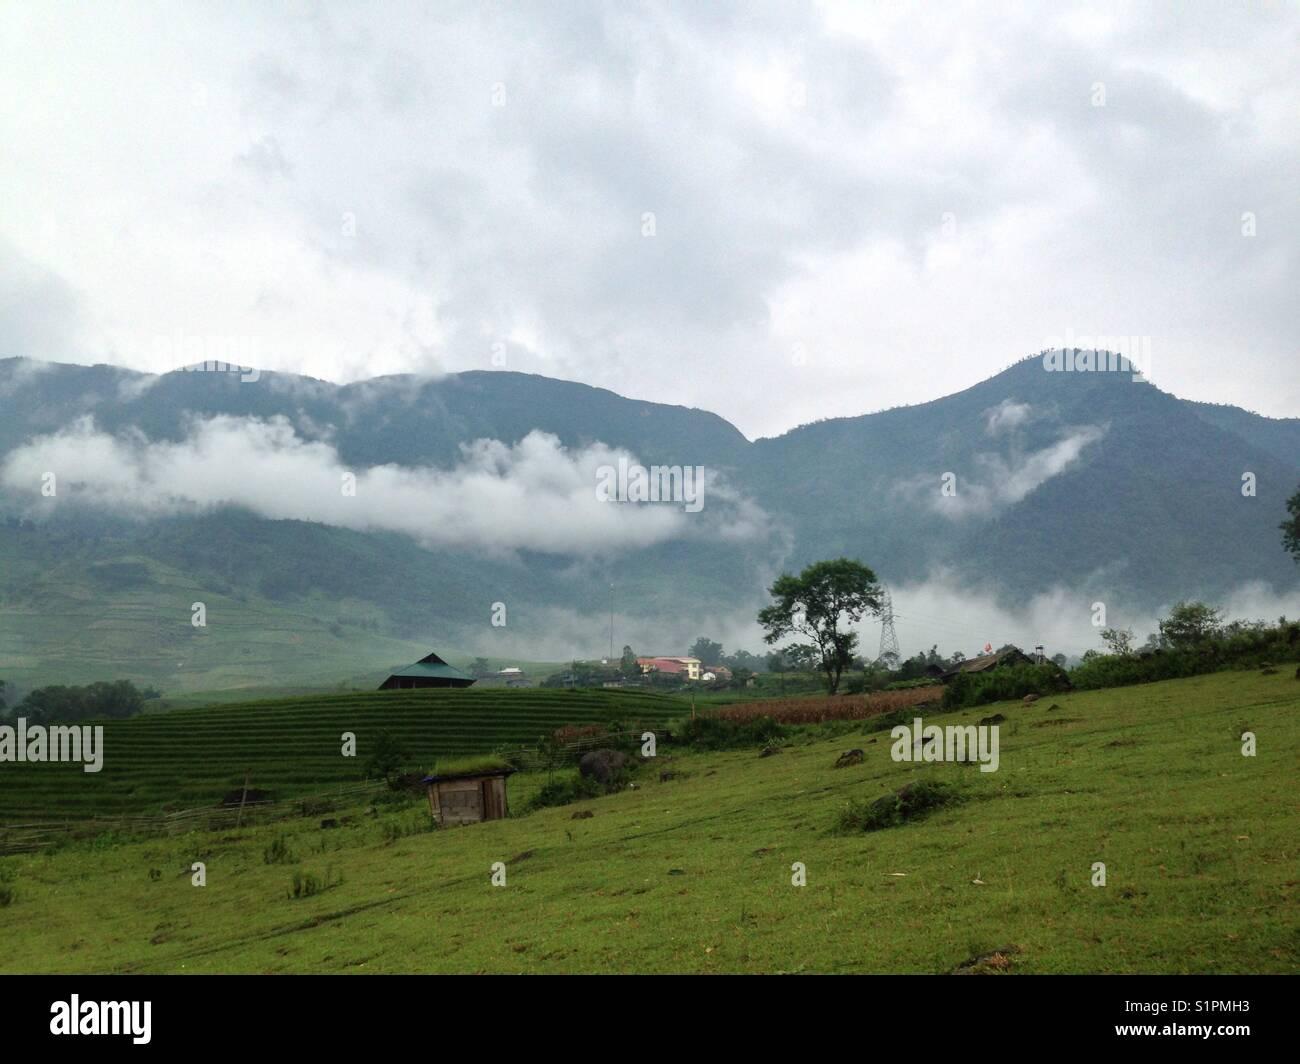 Sapa landscape - Stock Image